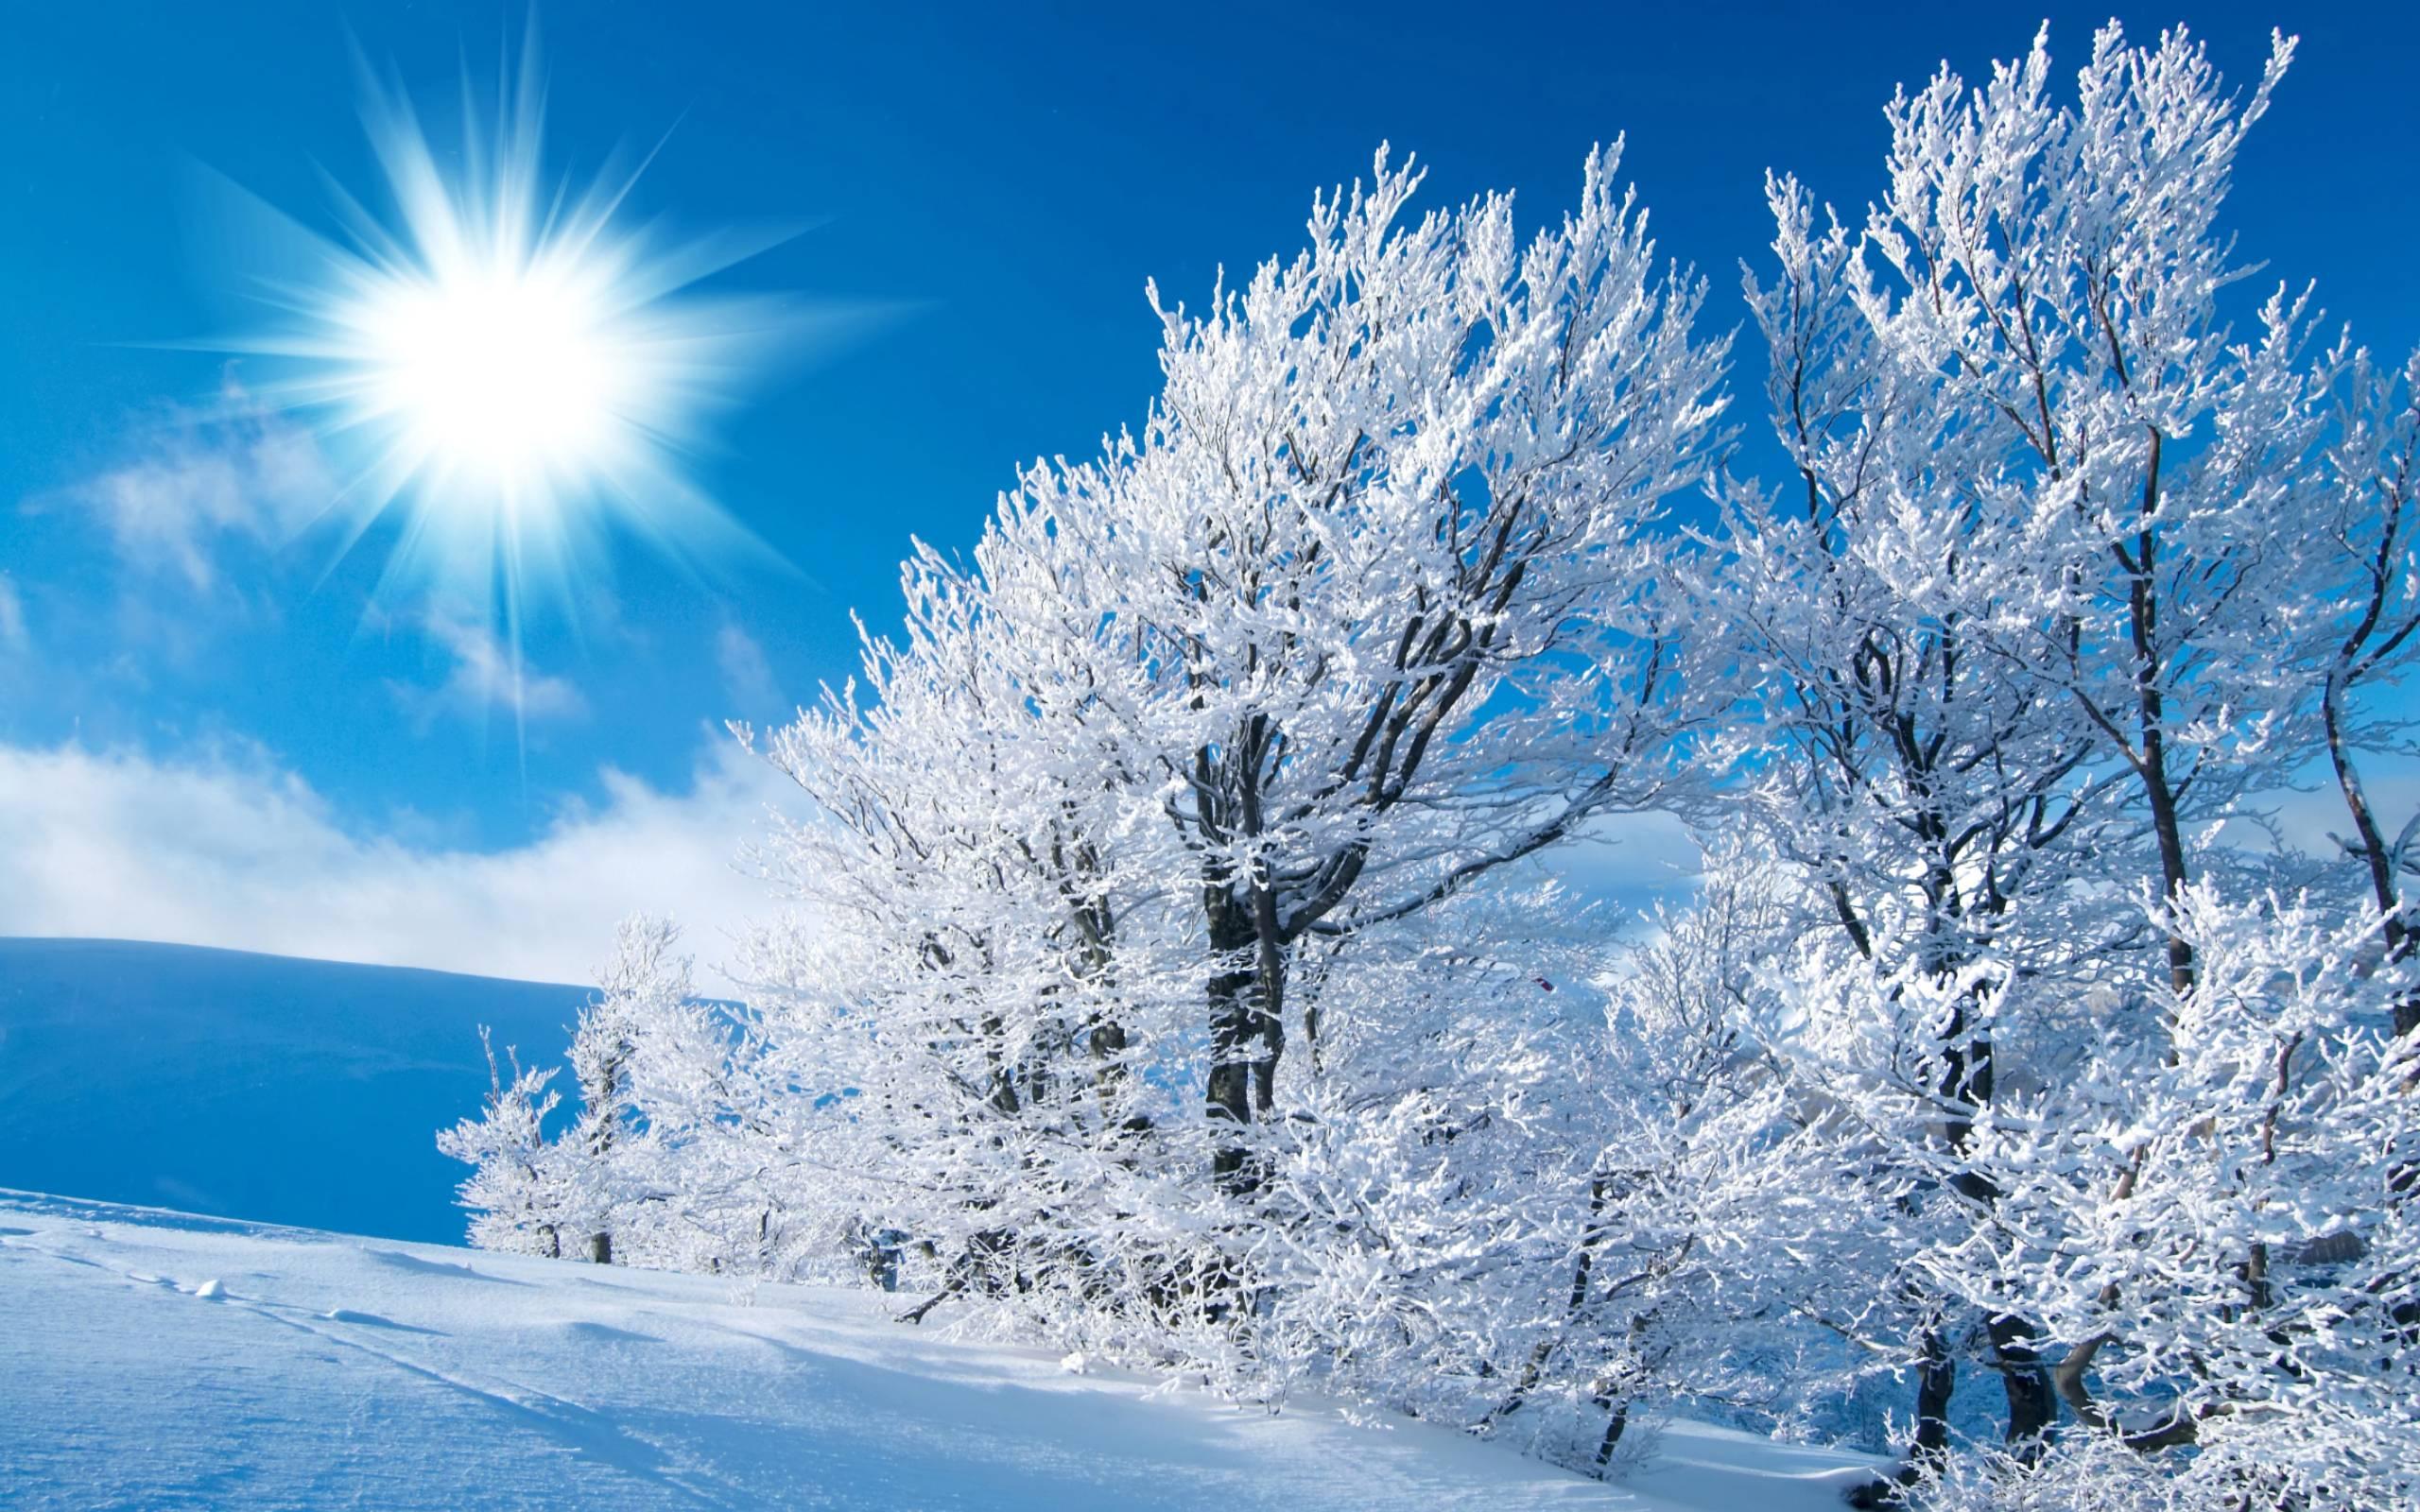 Desktop Wallpapers Winter Scenes 2560x1600